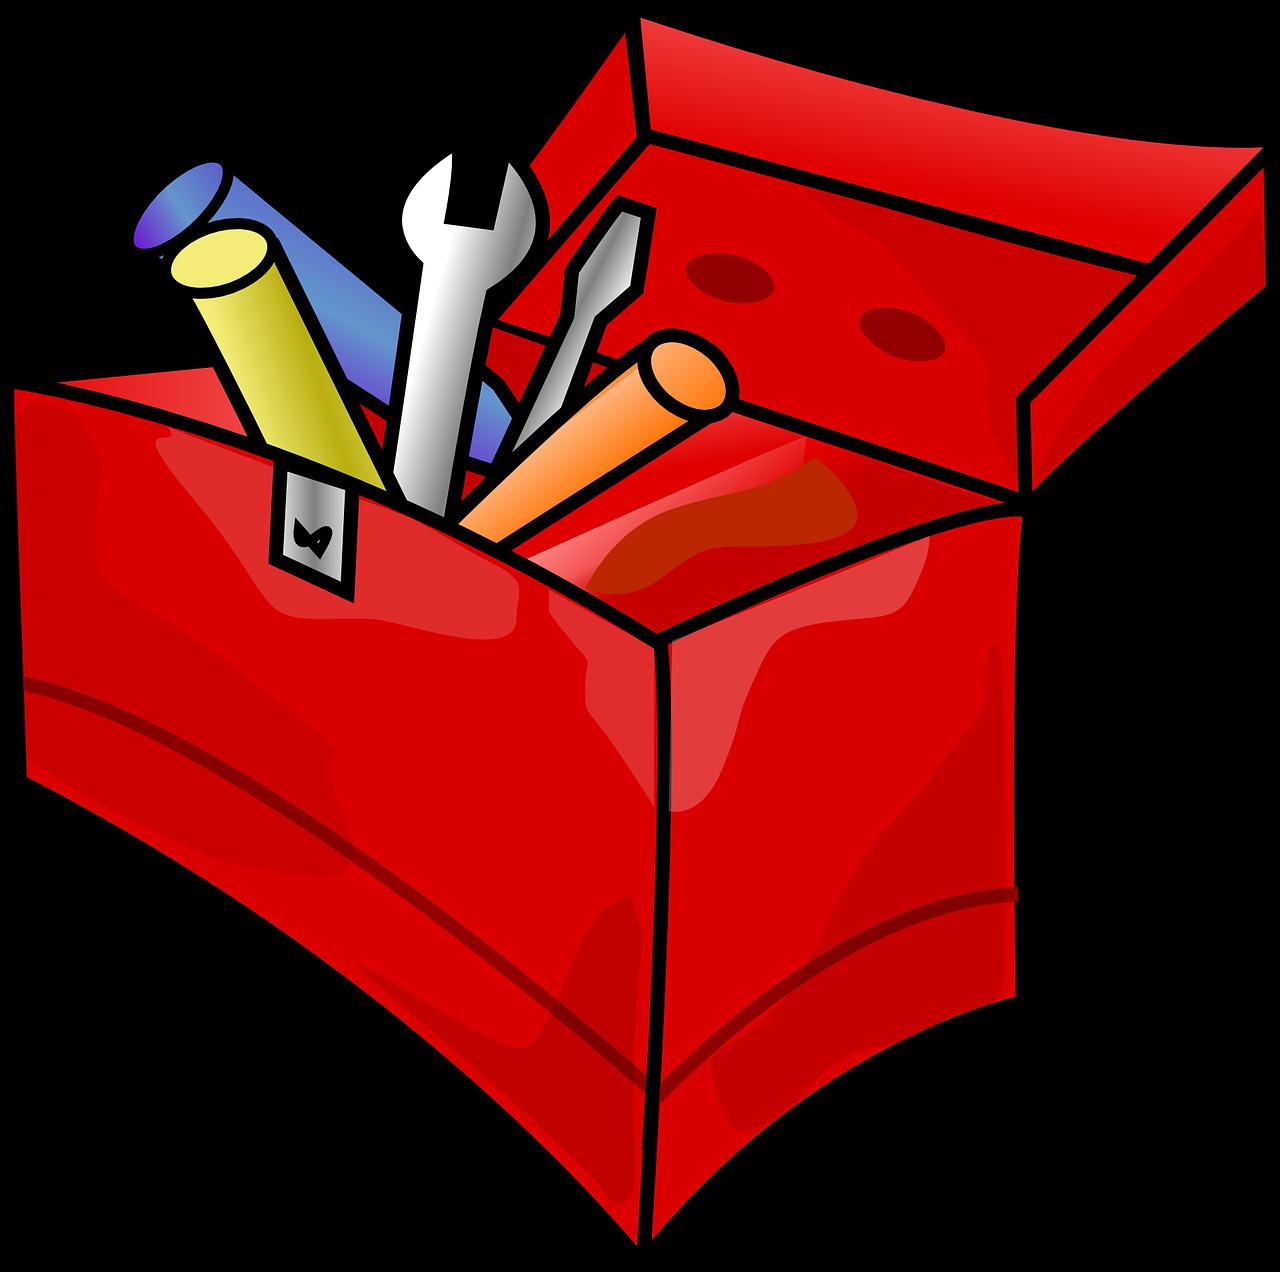 Værktøjskasse Til Din Virksomhed – Få Daglige Input Til Udvikling